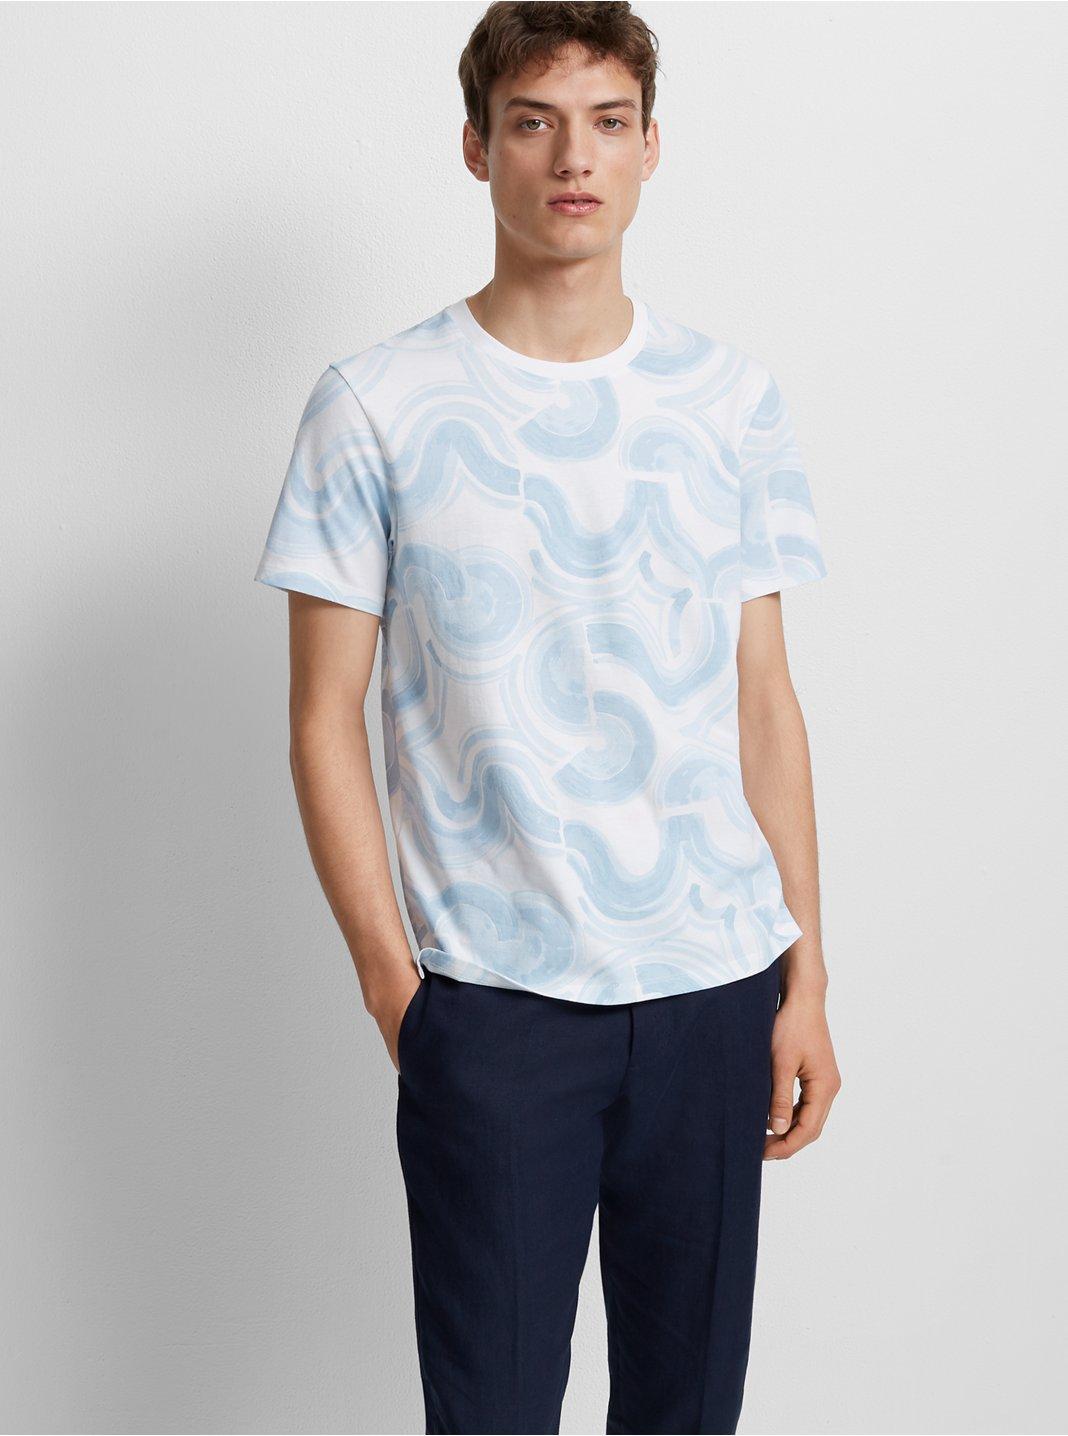 클럽 모나코 맨 웨이브 그래픽 반팔 티셔츠 Club Monaco Wave Graphic Tee,Blue & White